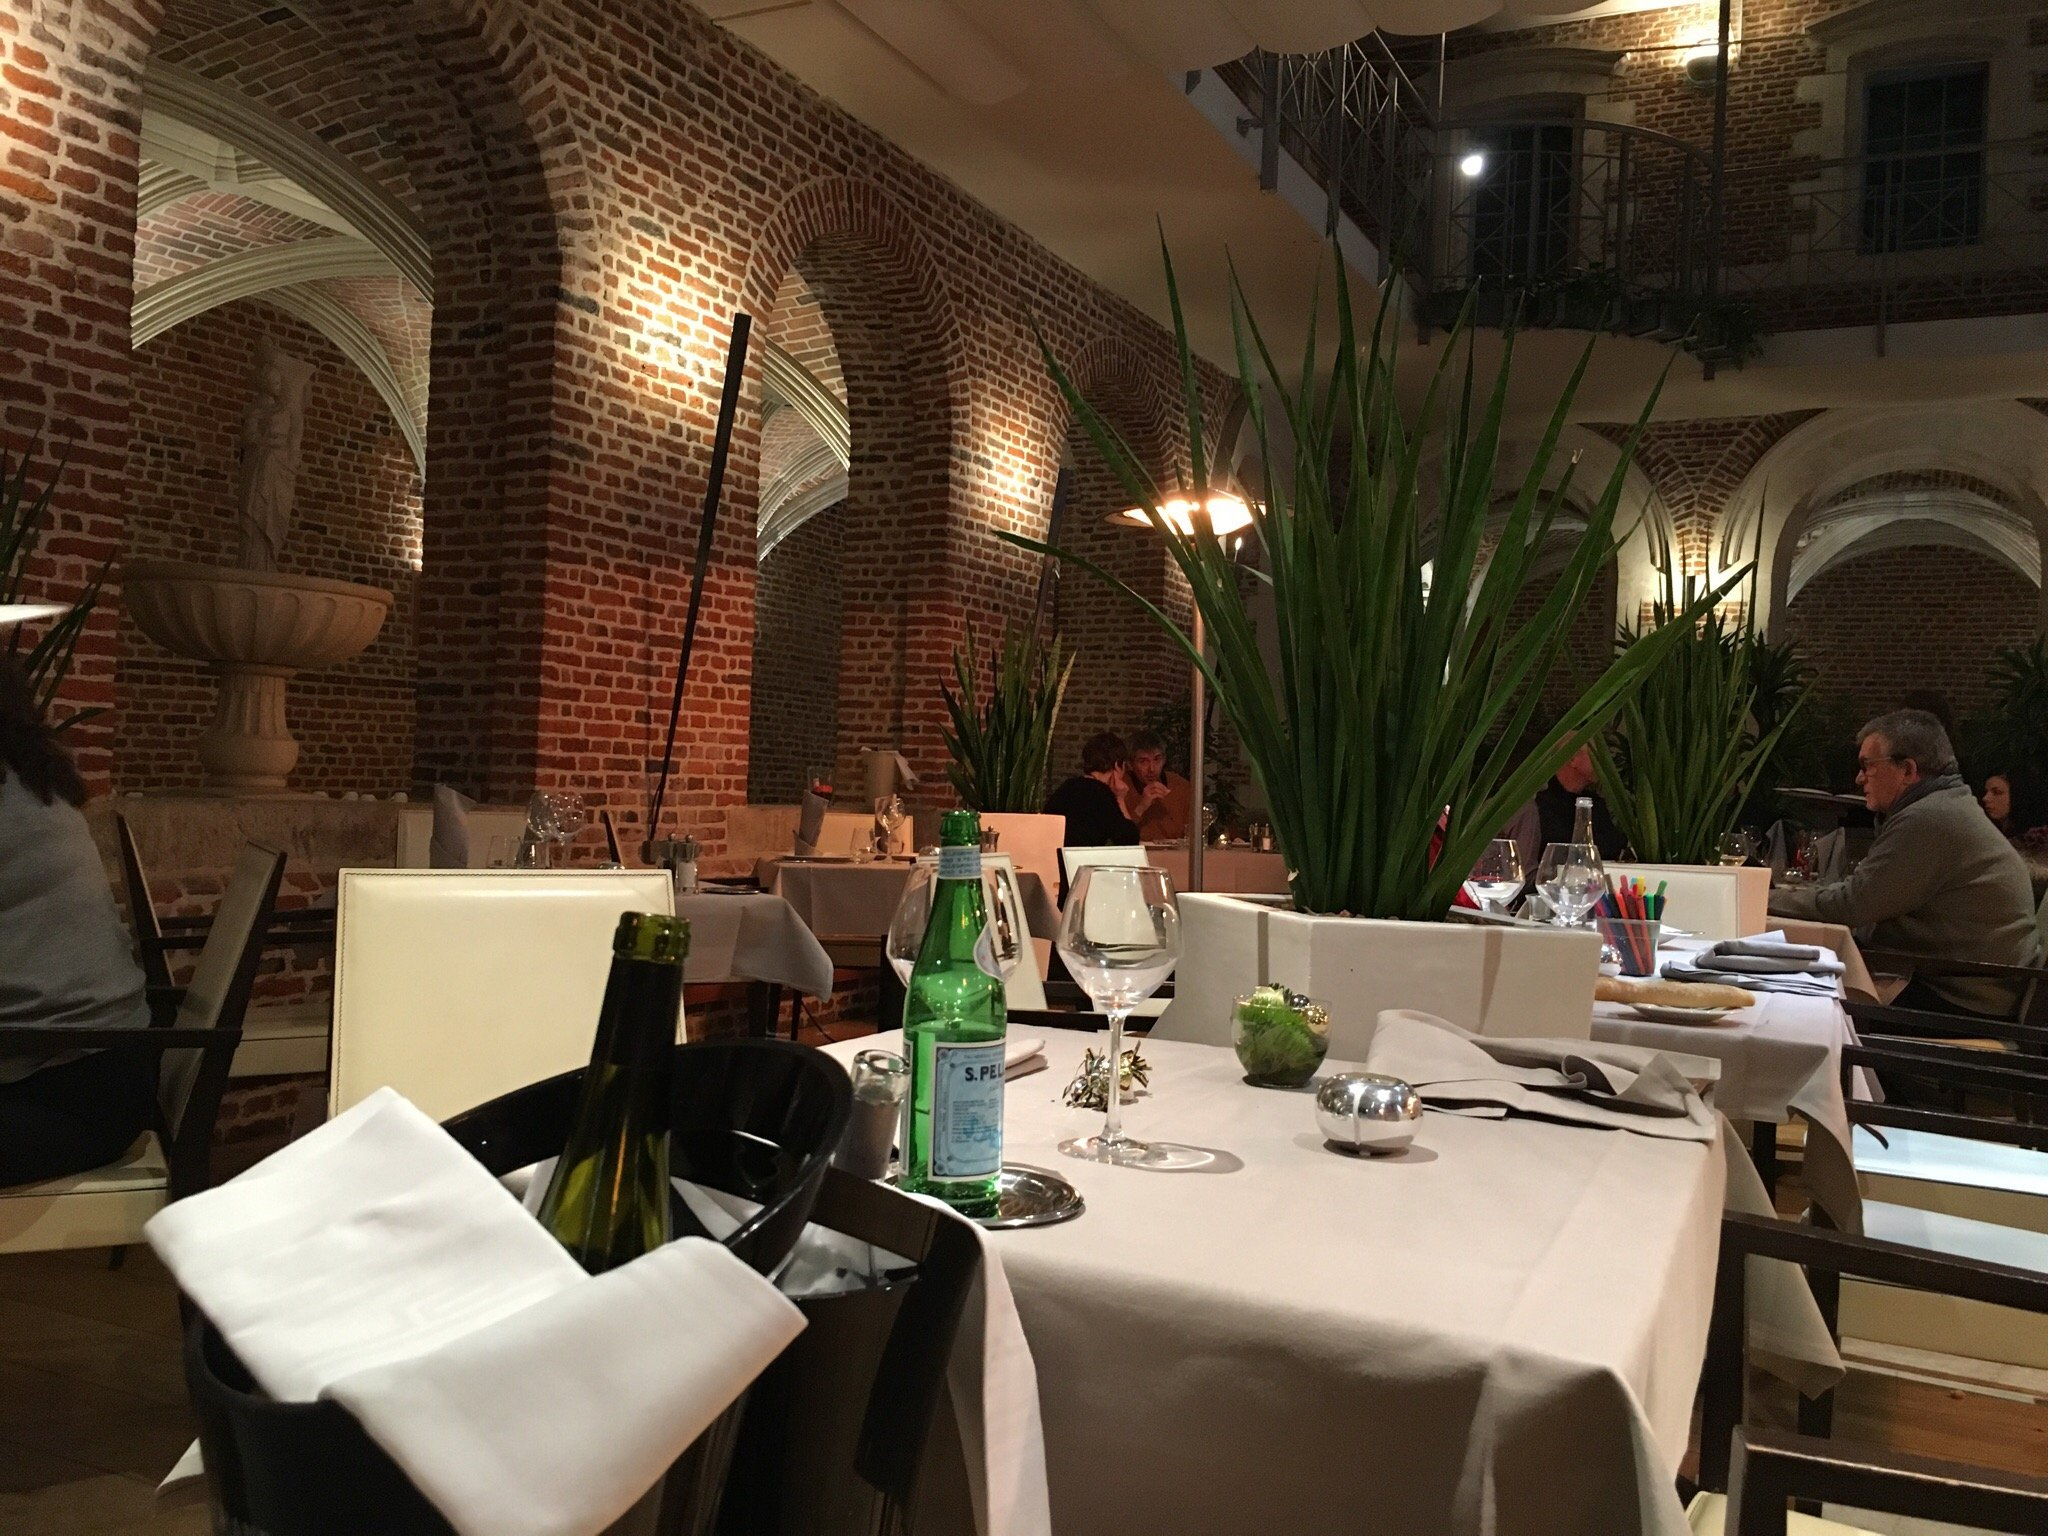 Le jardin du cloitre lille coment rios de restaurantes for Le jardin d alix lille